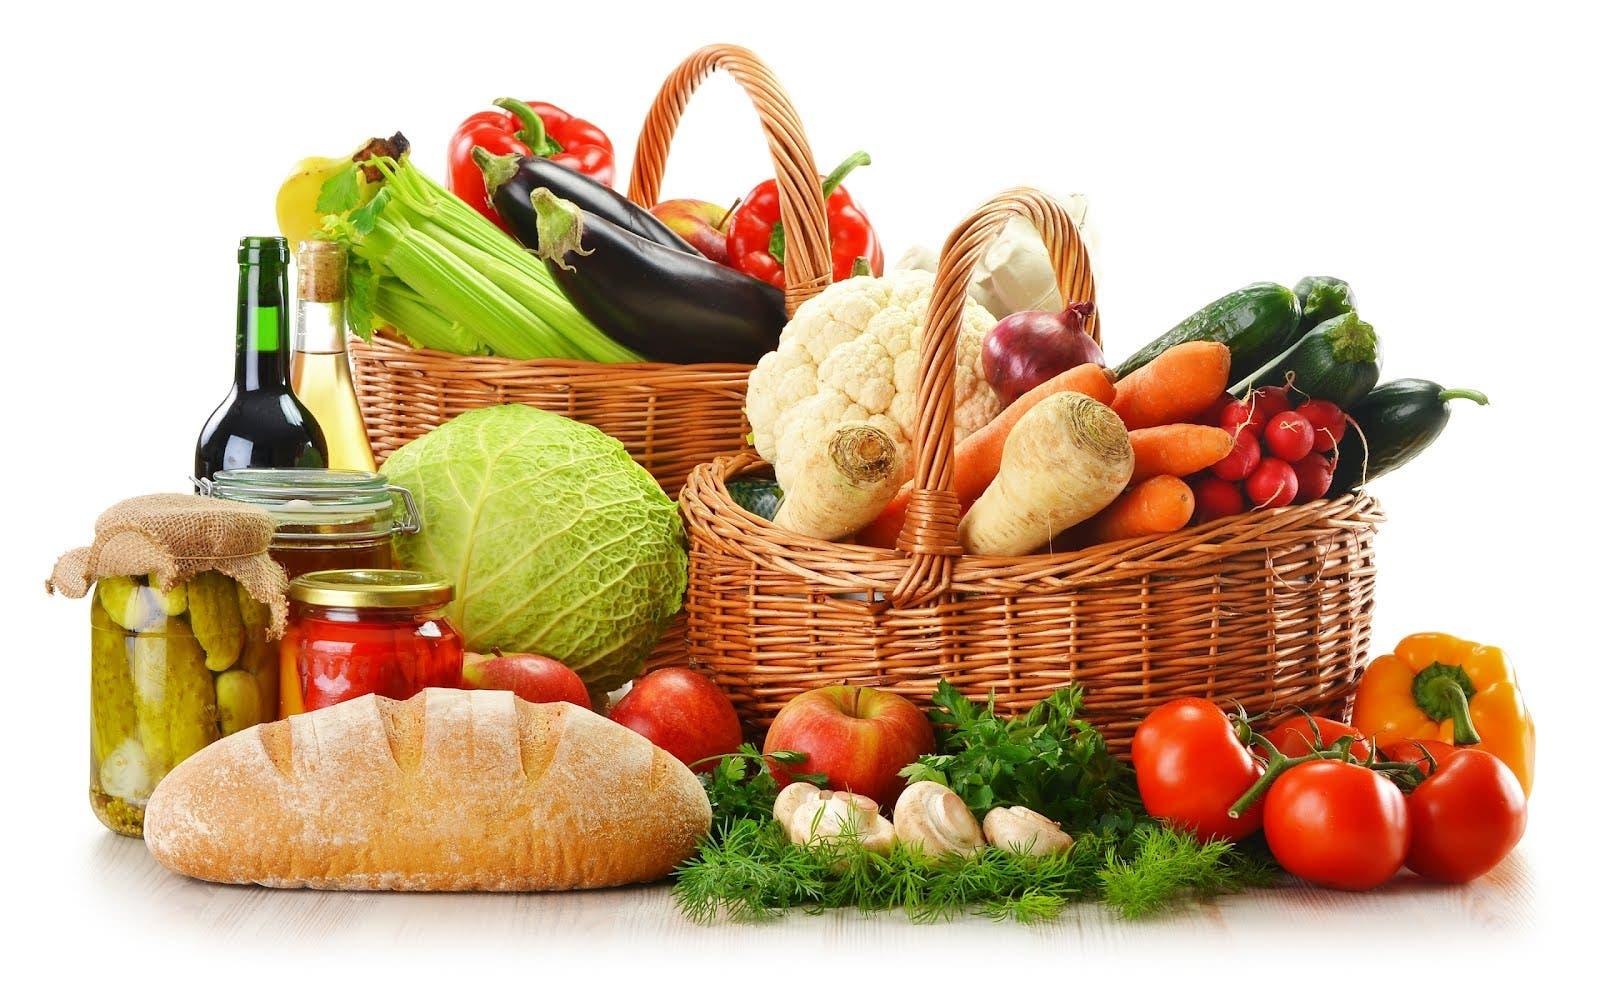 Fase de consolidaci n de la dieta dukan entrenamiento - Alimentos permitidos fase crucero ...